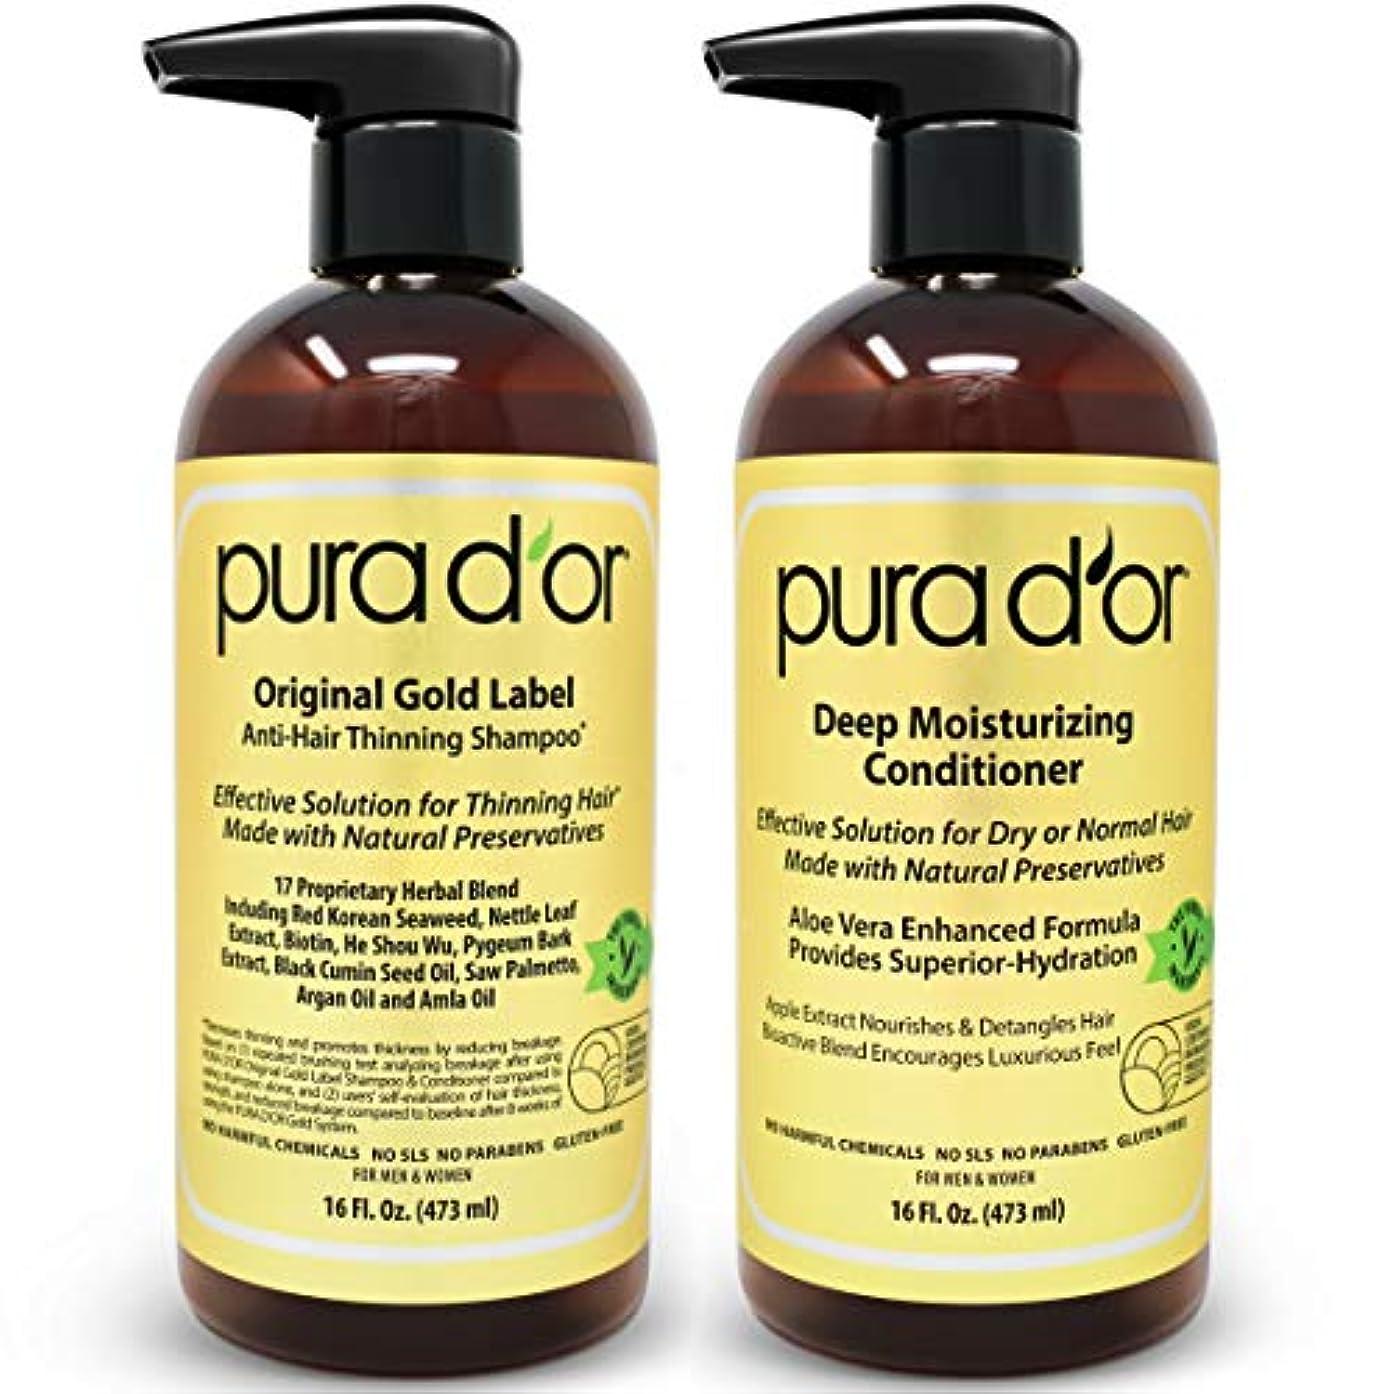 ループ改修する退屈PURA D'OR オリジナル ゴールド ラベル 薄毛予防用 -臨床実験済み -アルガンオイル、ビオチン、天然原料、硫酸系化合物不使用、全髪タイプに、男性&女性用(パッケージは異なる場合があります) シャンプー&コンディショナー